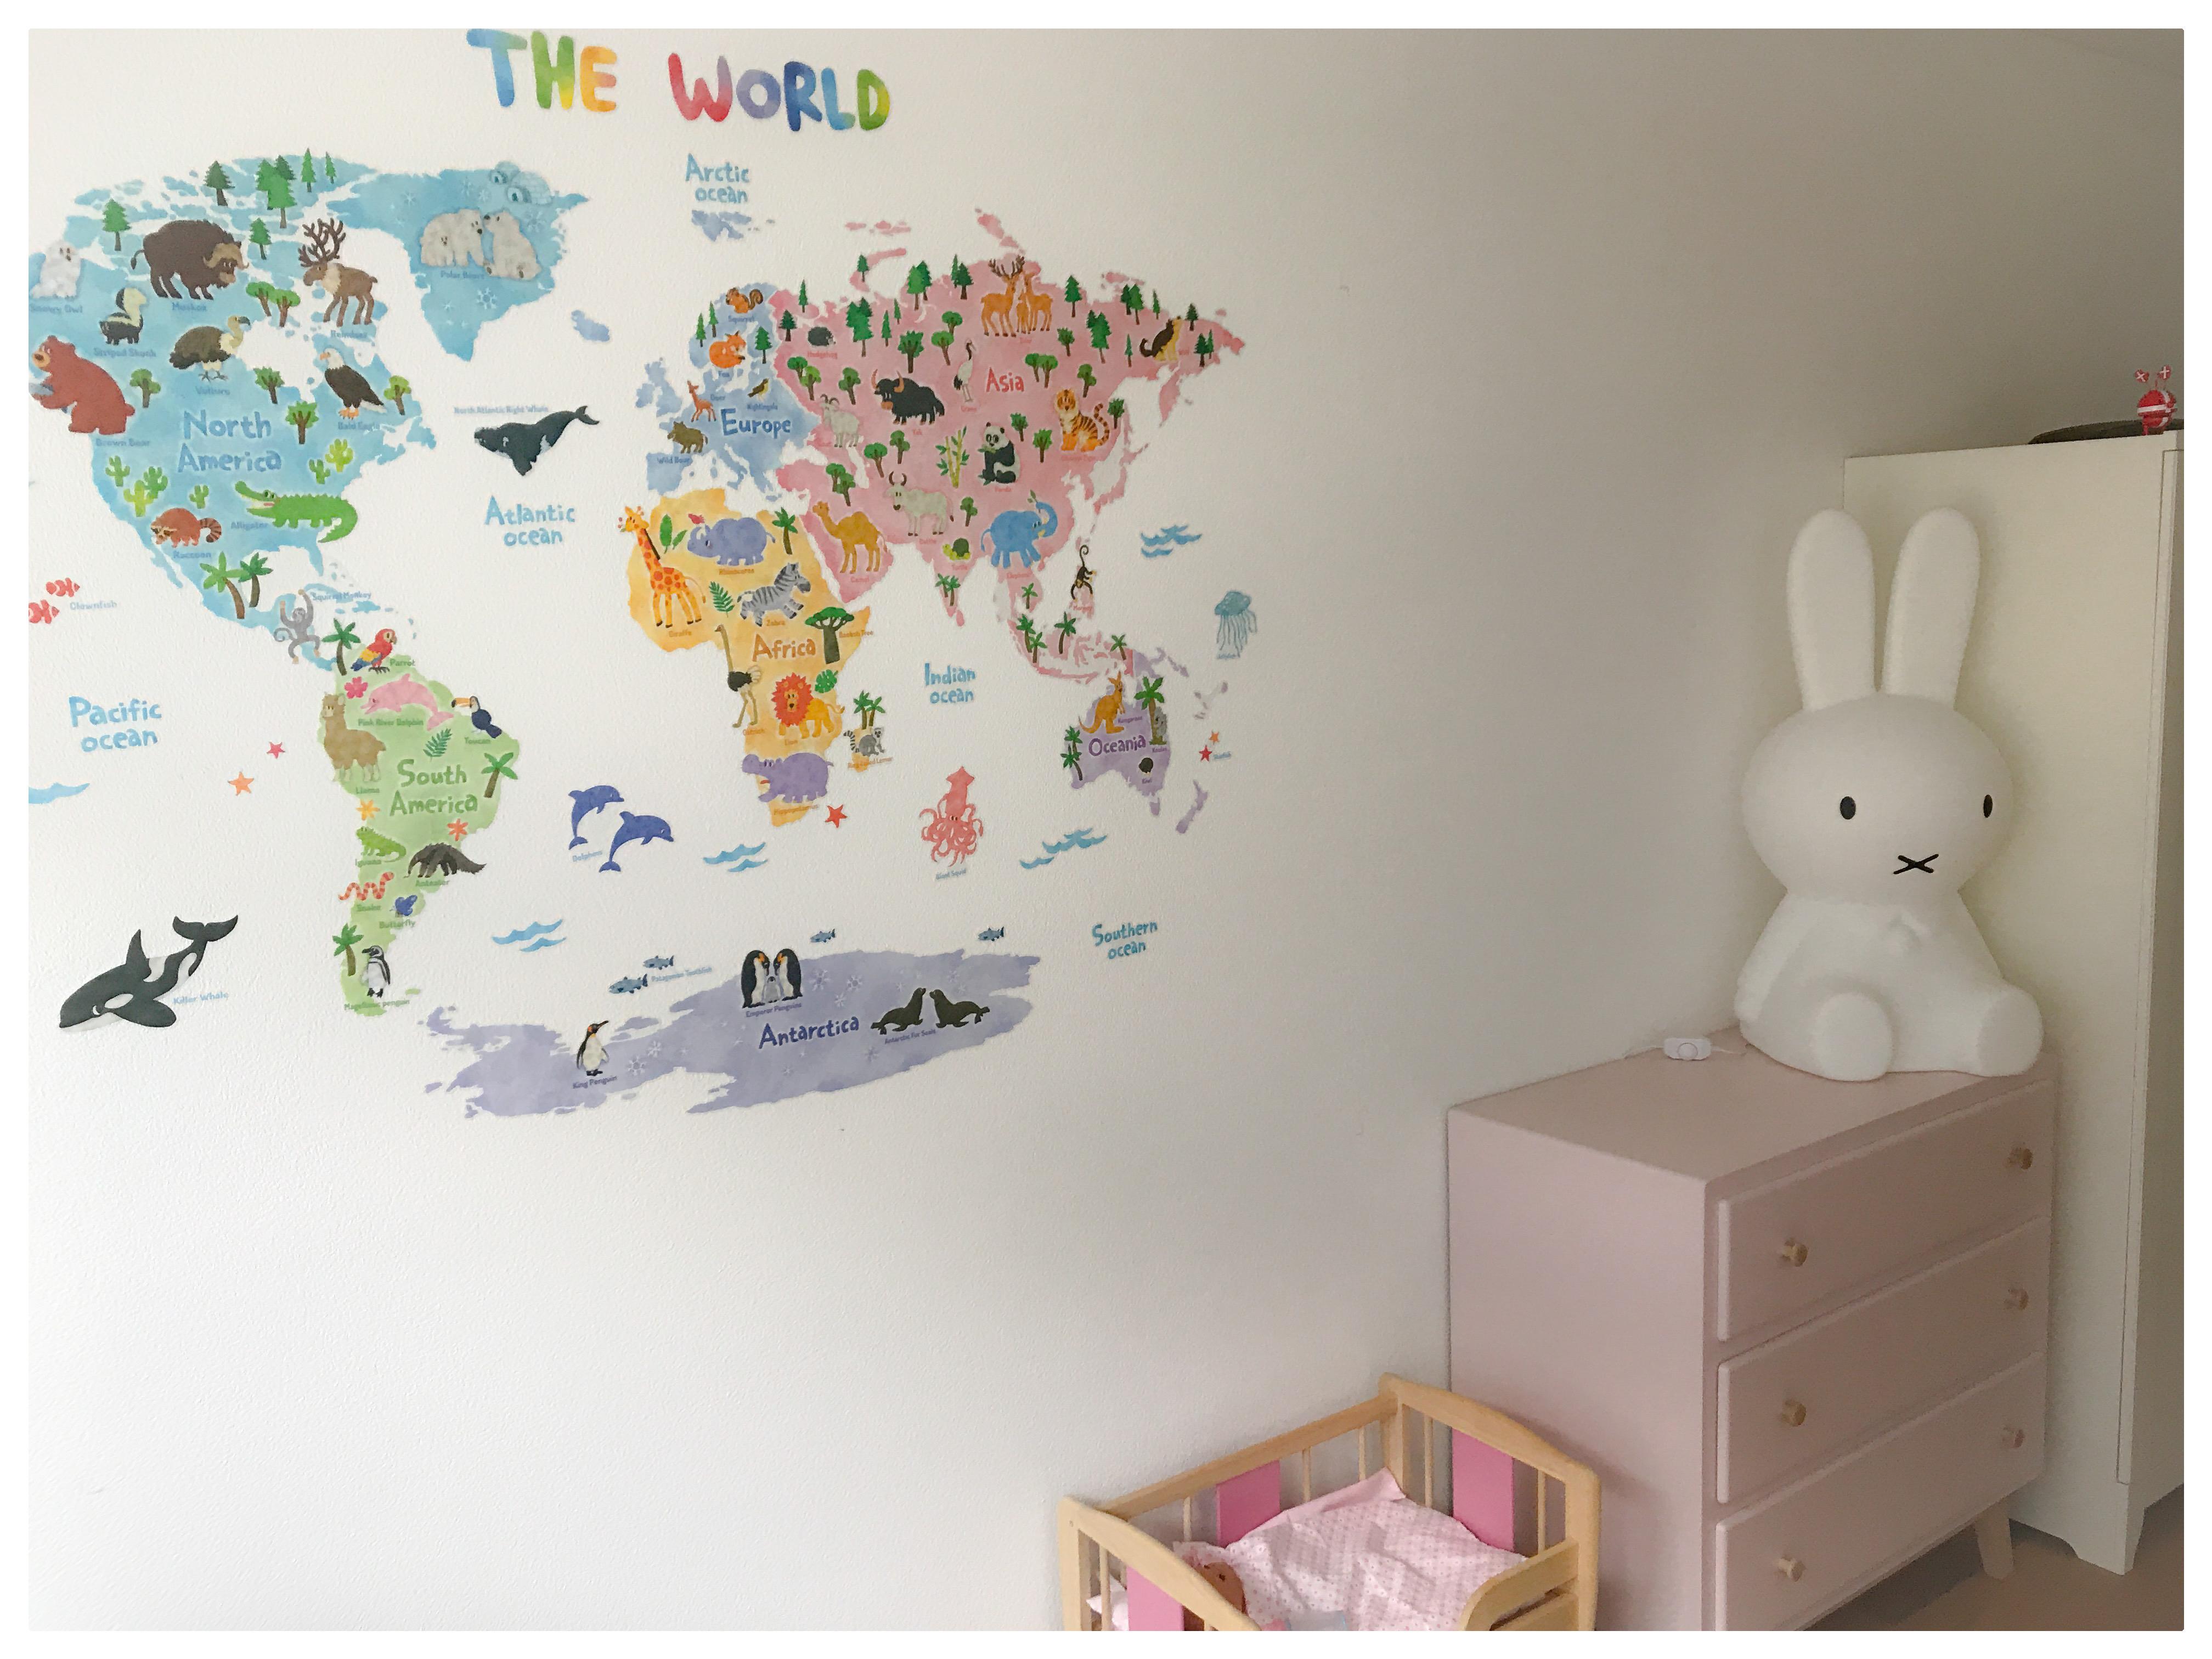 Großartig Wandtattoo Weltkarte Foto Von Img_9800kinderzimmer Genderneutral Bruder Schwester Einrichtung Scandi-style Miffy-lampe